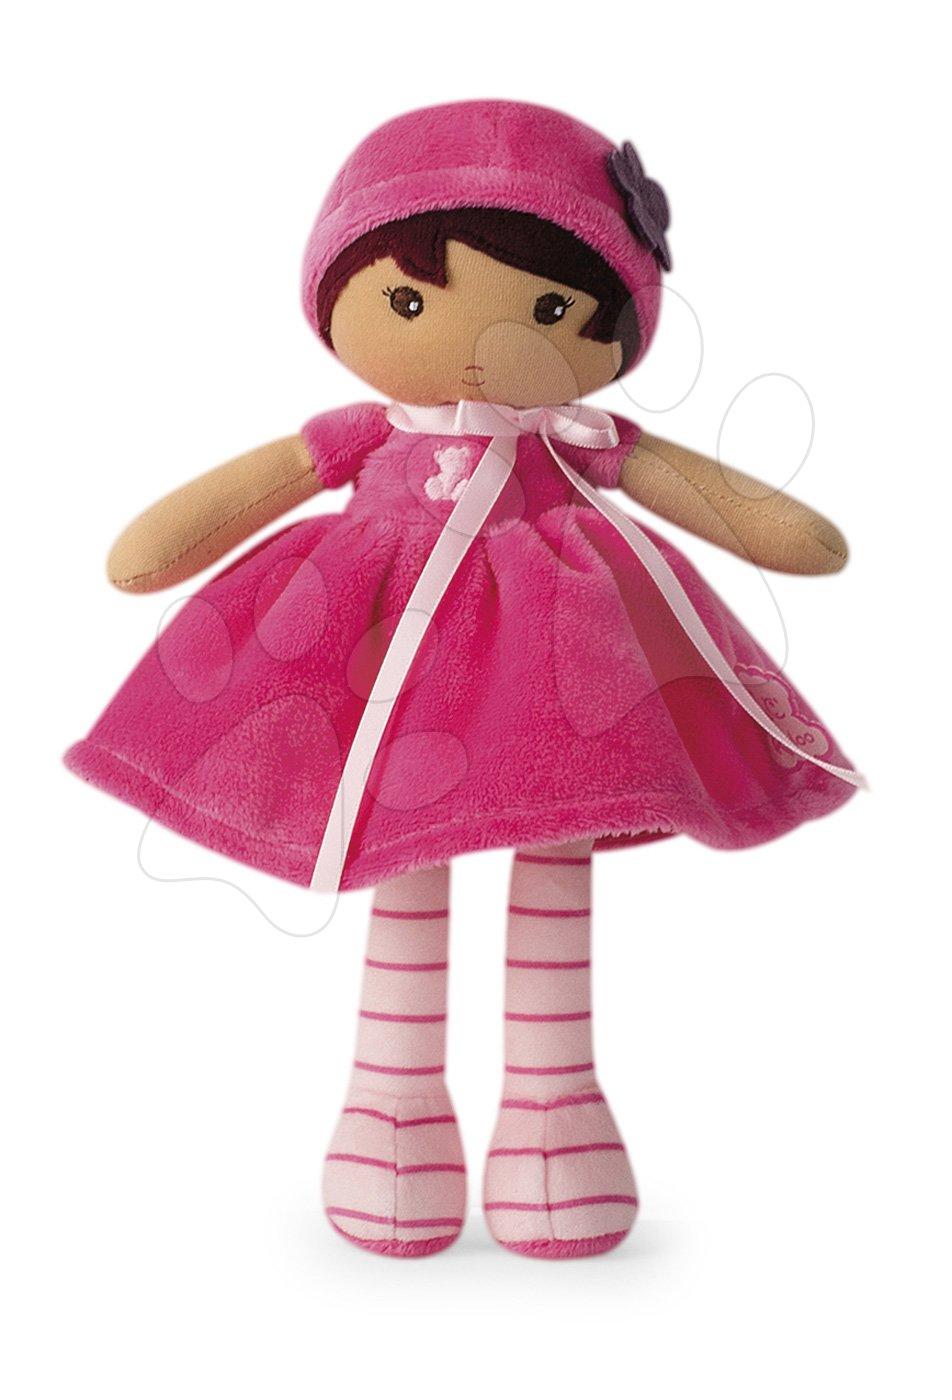 Kaloo panenka pro miminka Emma K Tendresse v růžových šatech 25 cm 962084